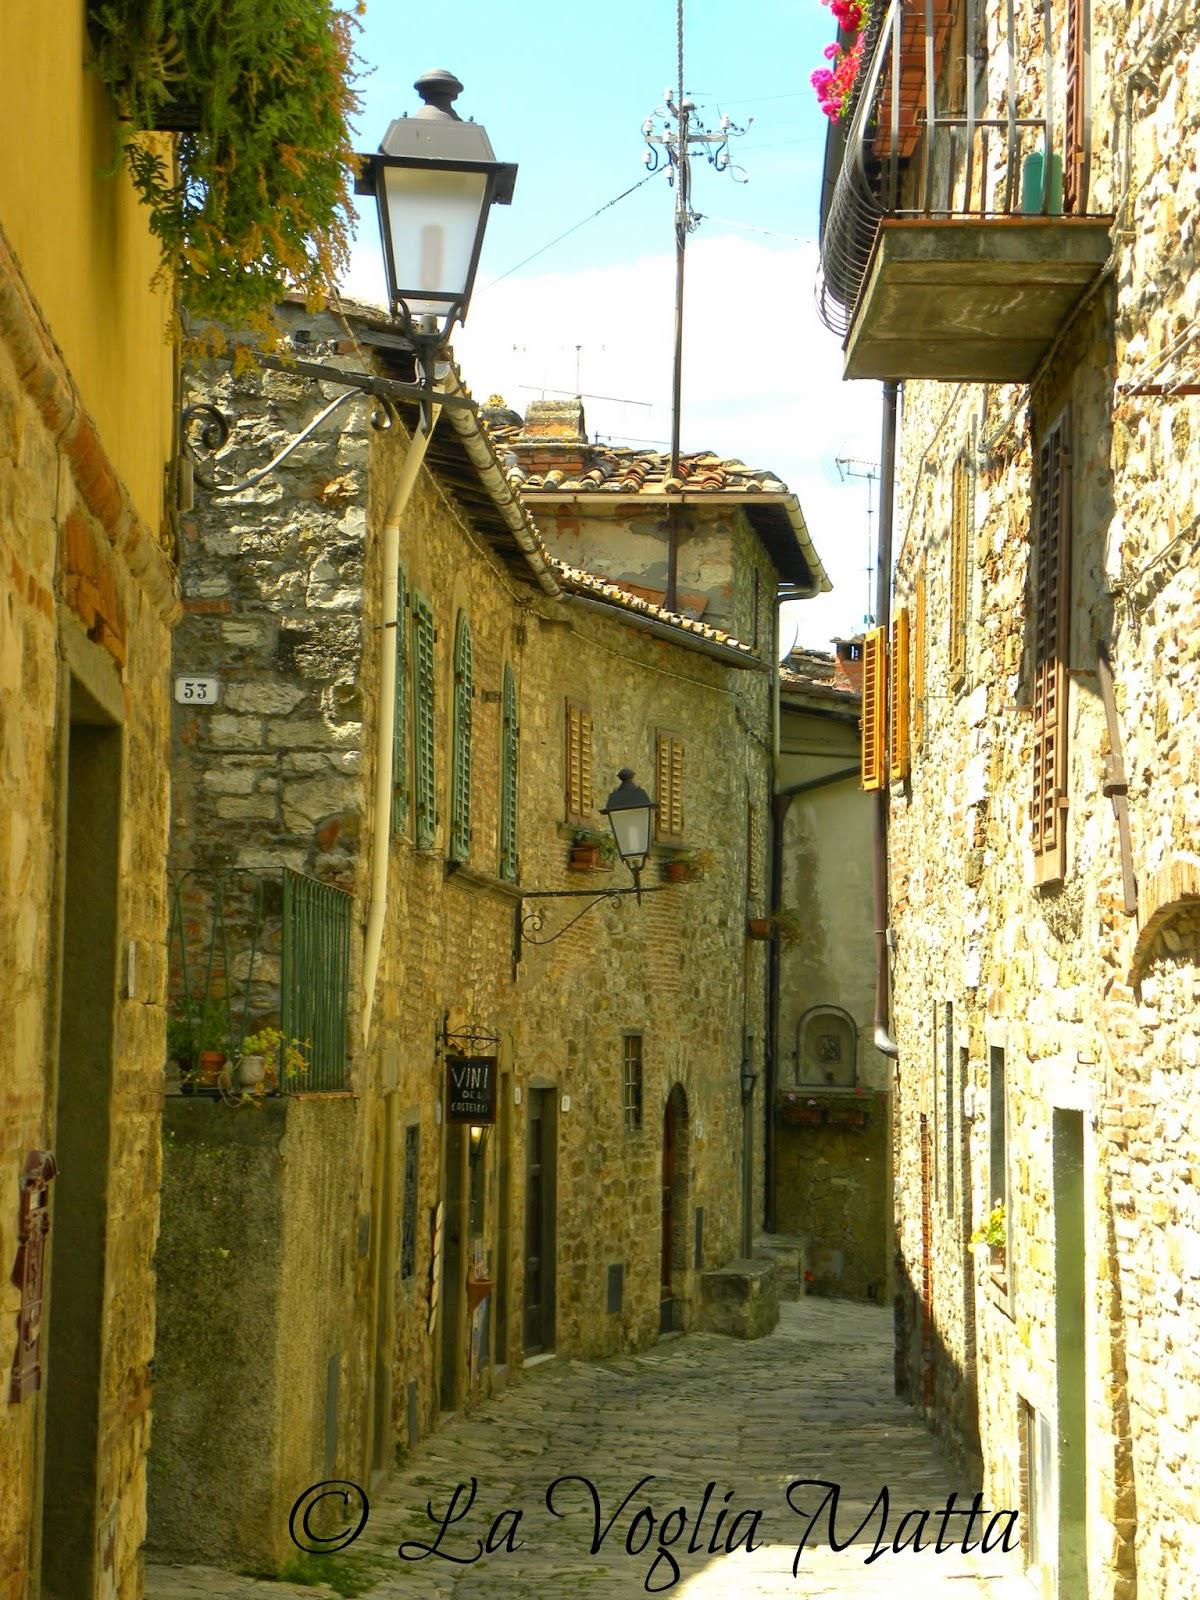 montefioralle un antico borgo nel chianti